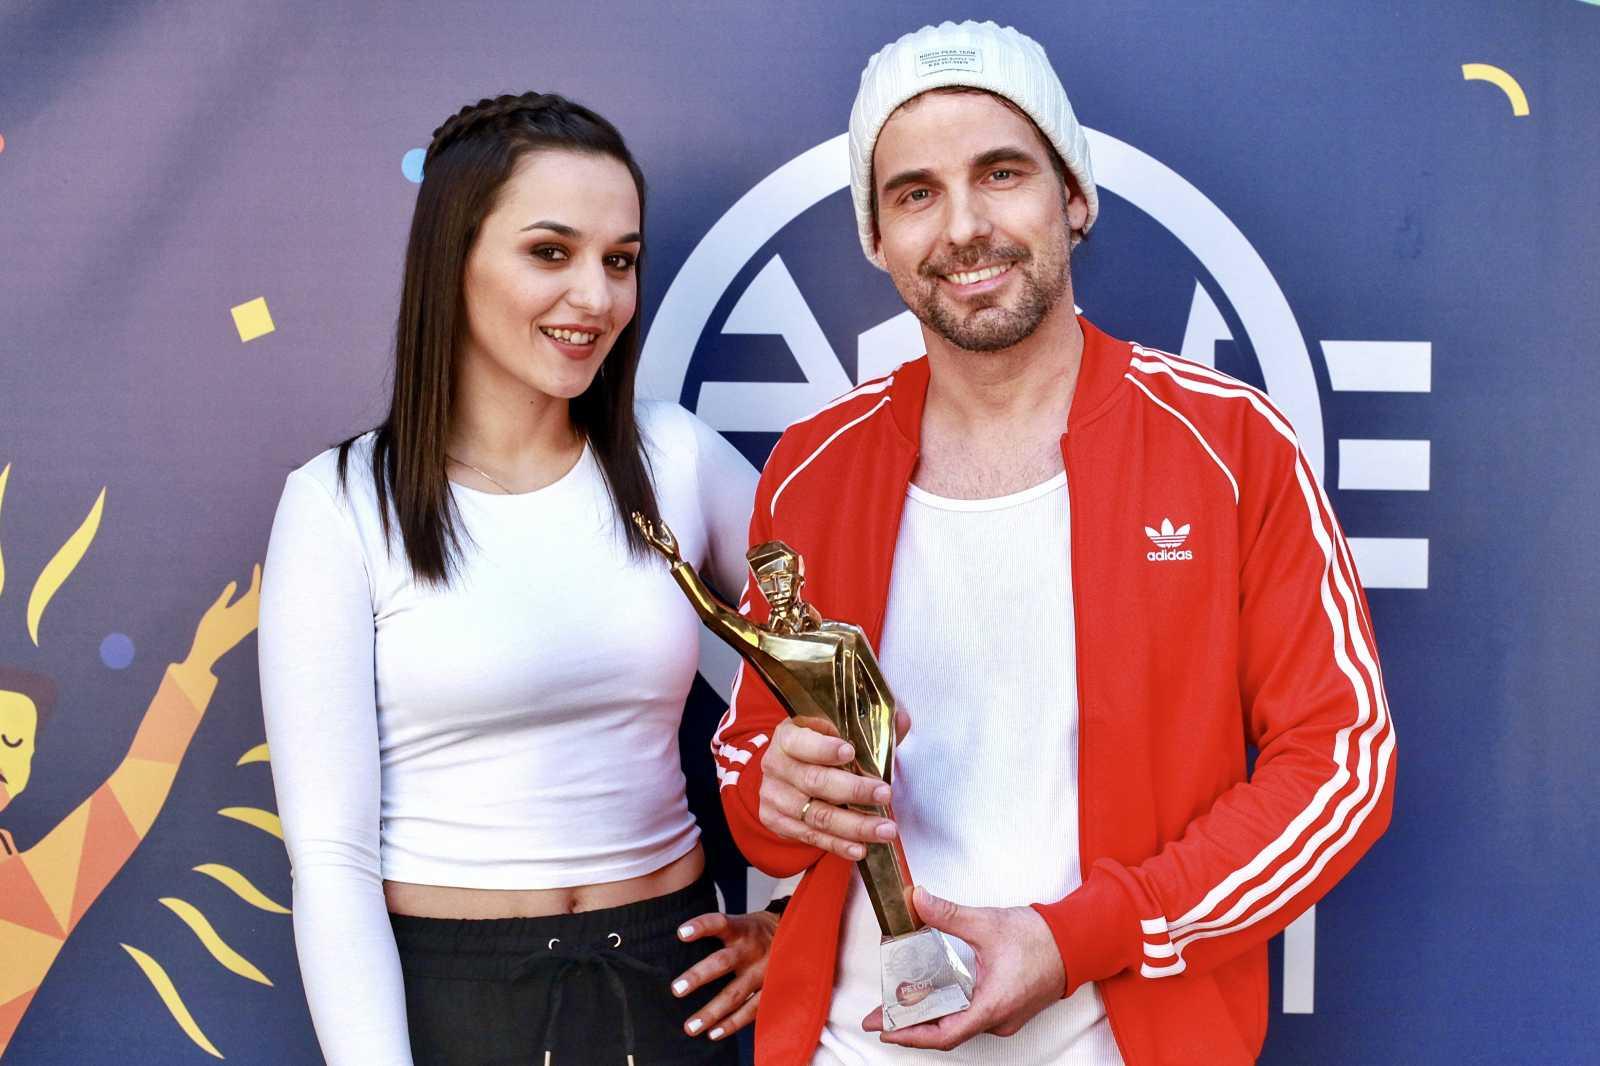 Az év dala kategória győztesei, Rácz Gergő és Orsovai Reni